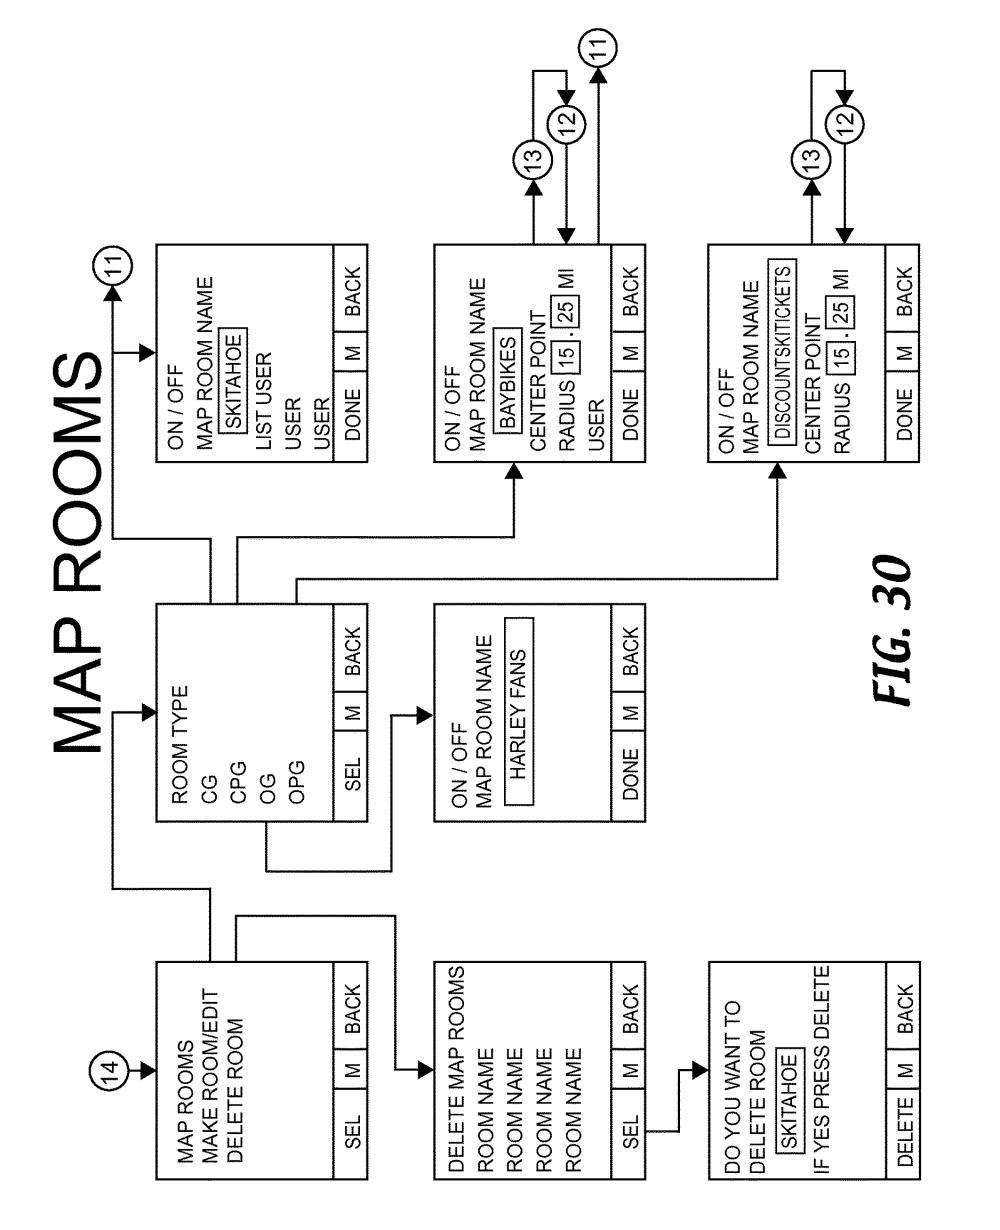 medium resolution of clifford 50 7x wiring diagram wiring diagram and schematics one wire alternator wiring diagram clifford alarm